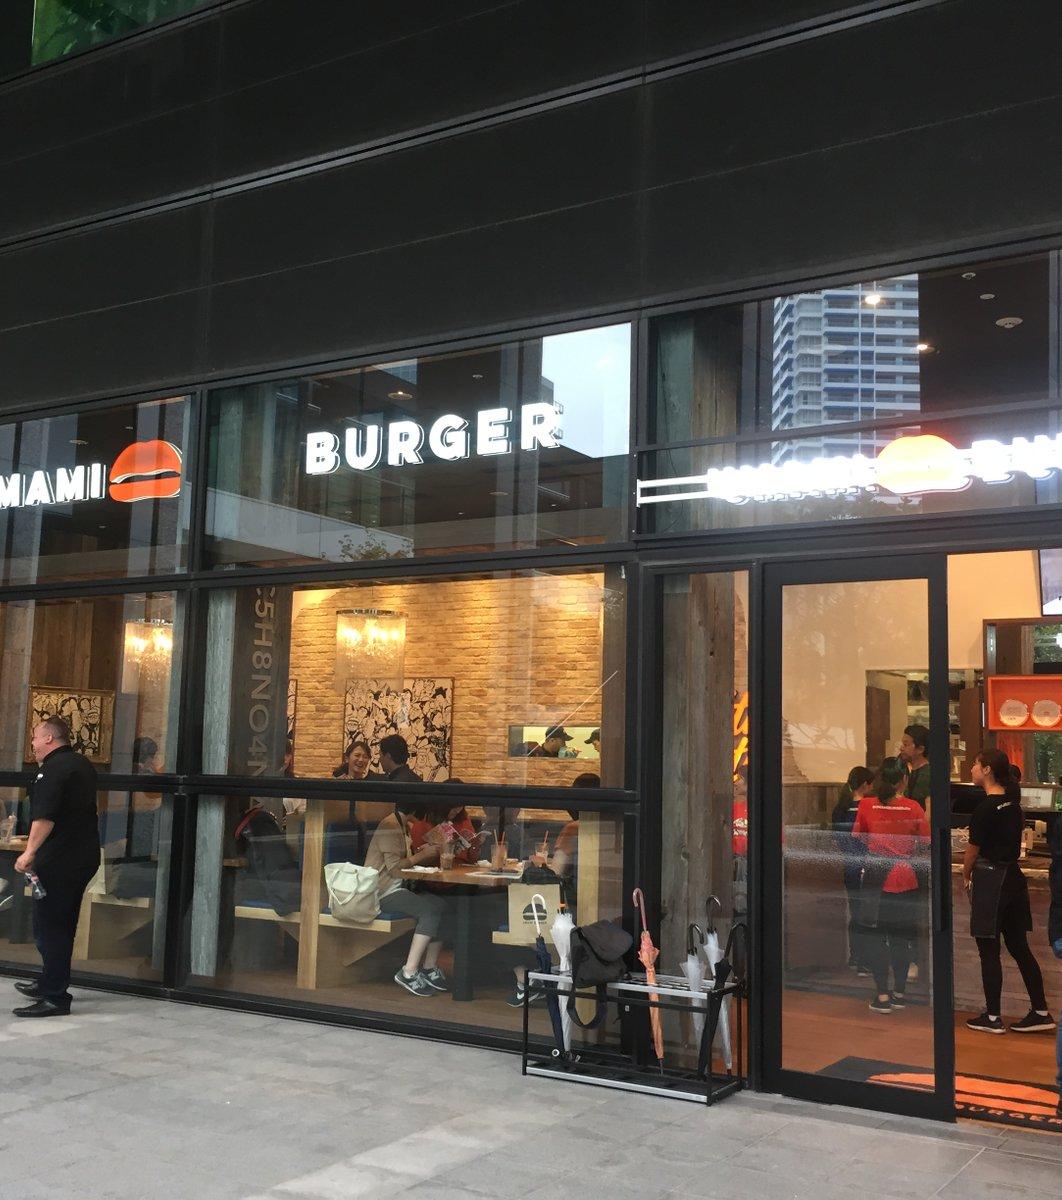 ウマミバーガー みなとみらい店 (UMAMI BURGER)